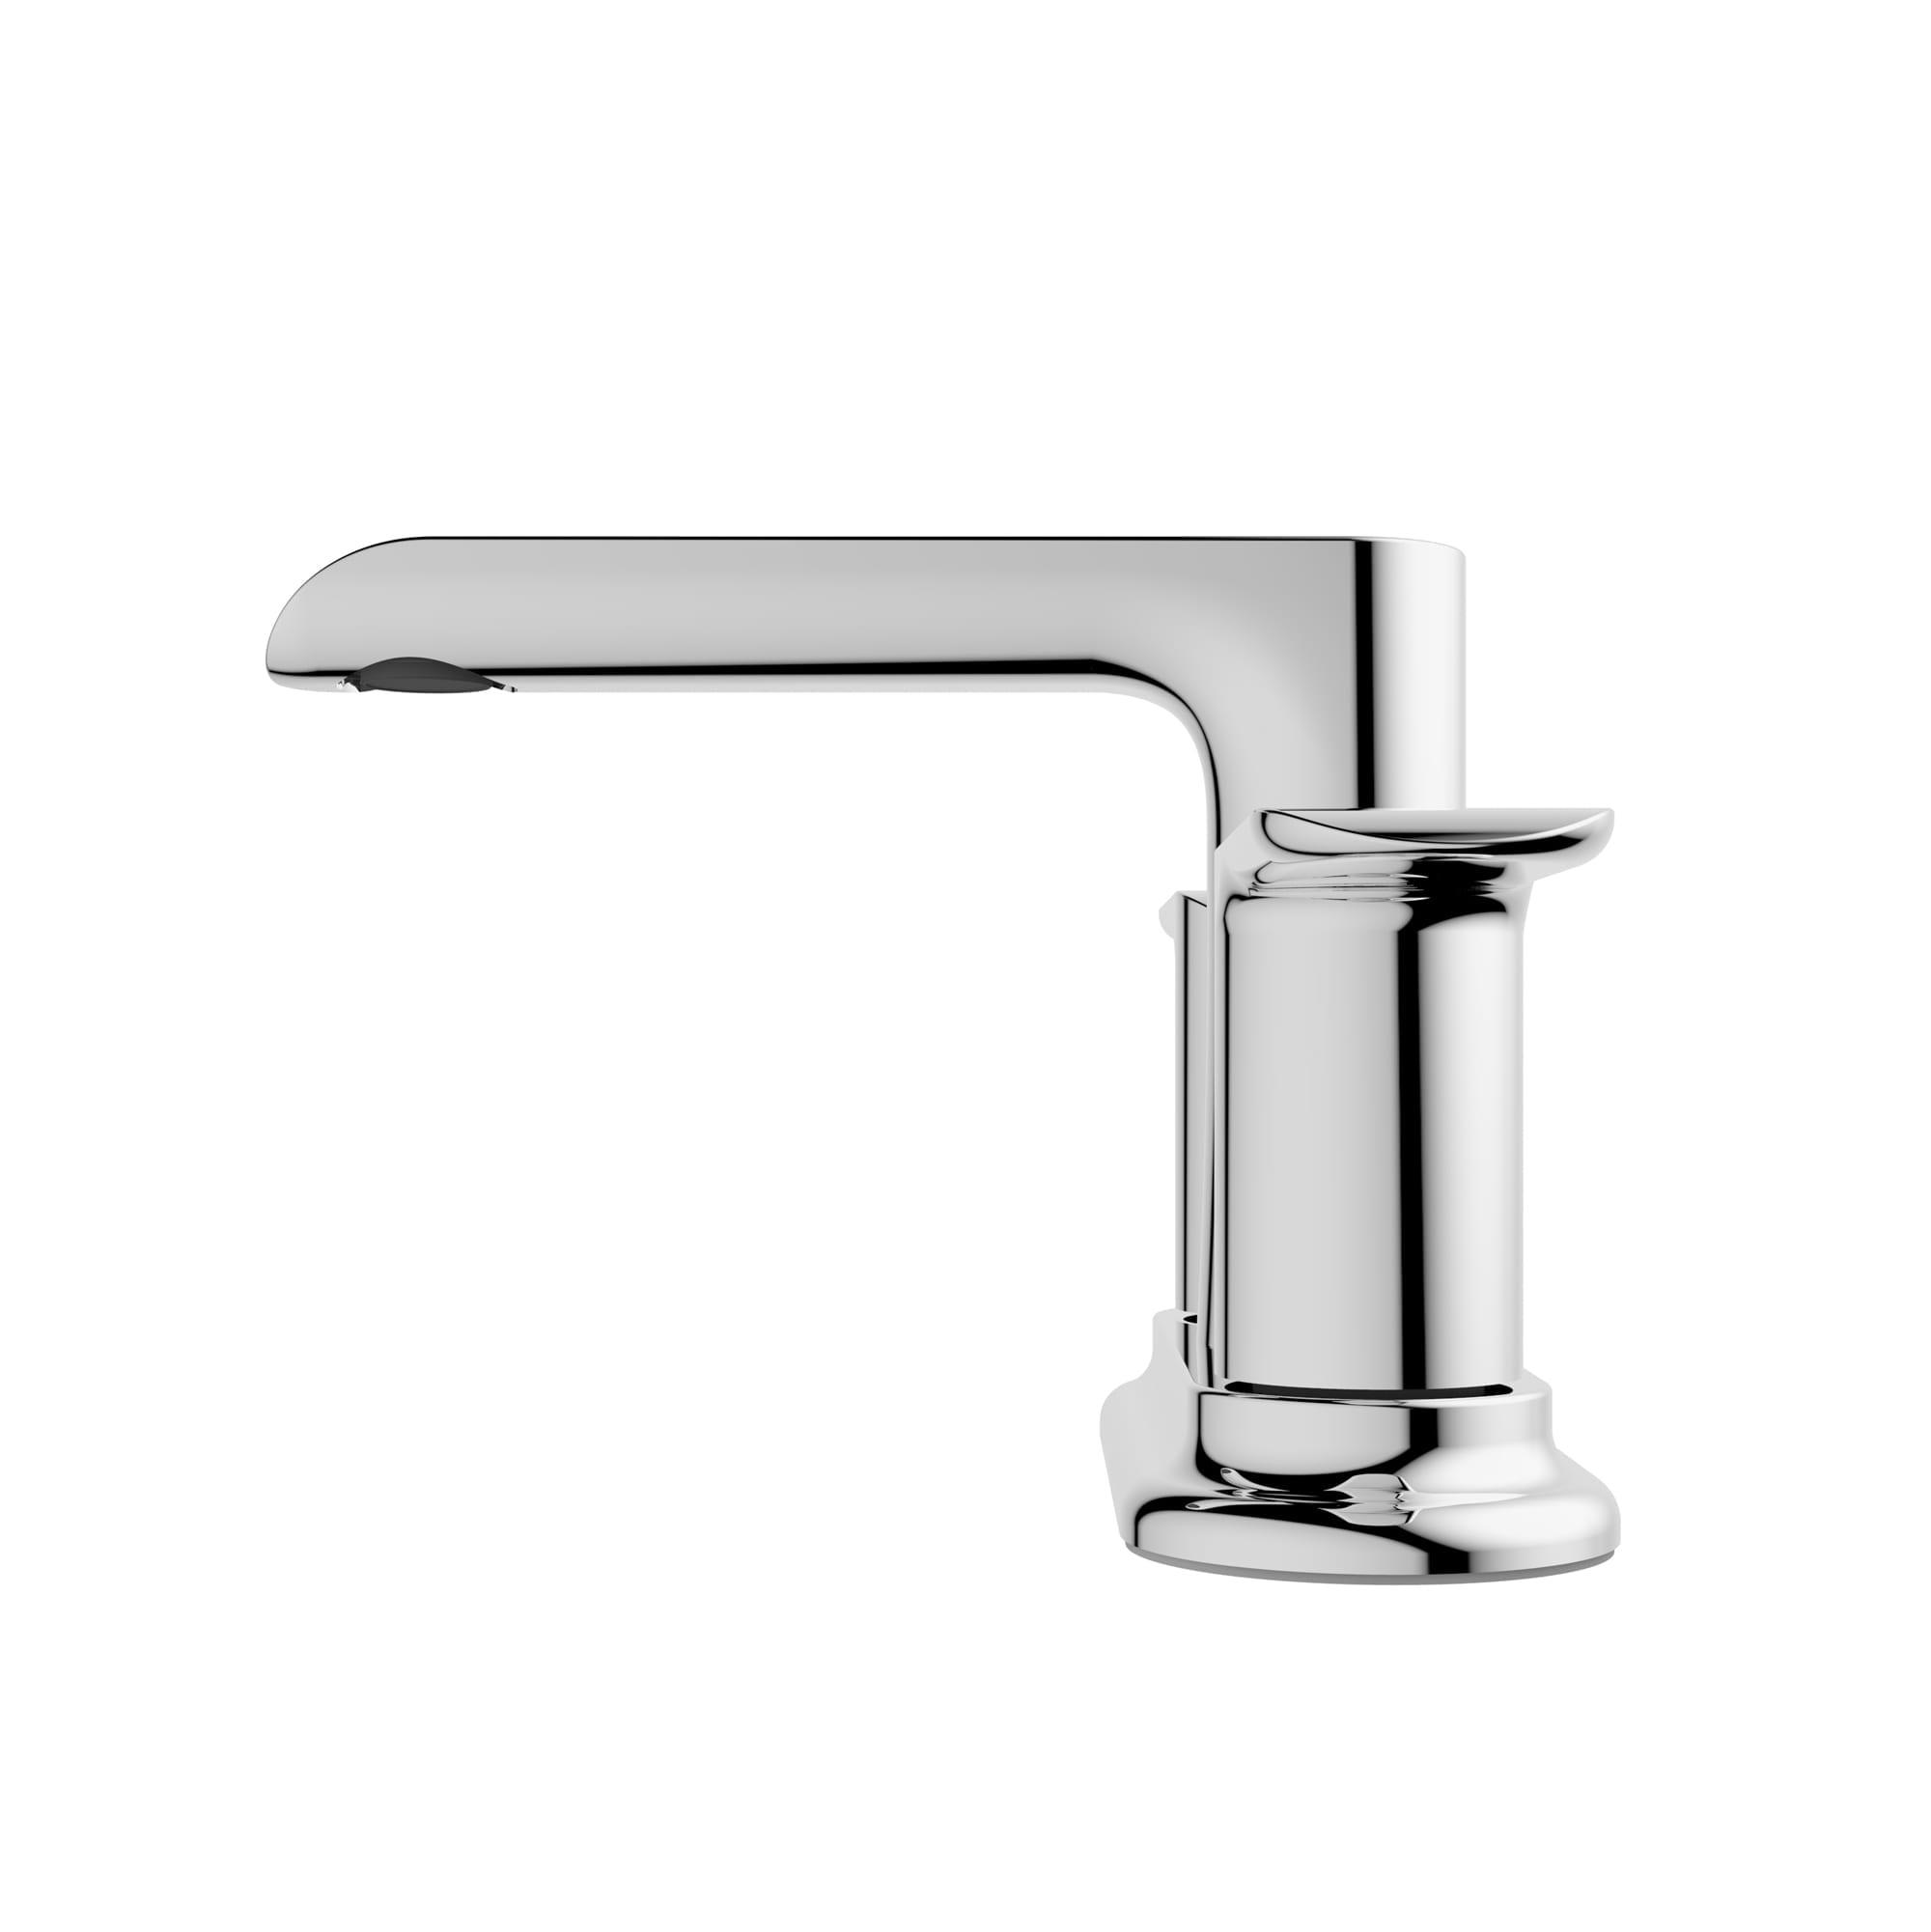 Robinet pour lavabo de salle de bain avec a rateur for Robinet pour lavabo salle de bain